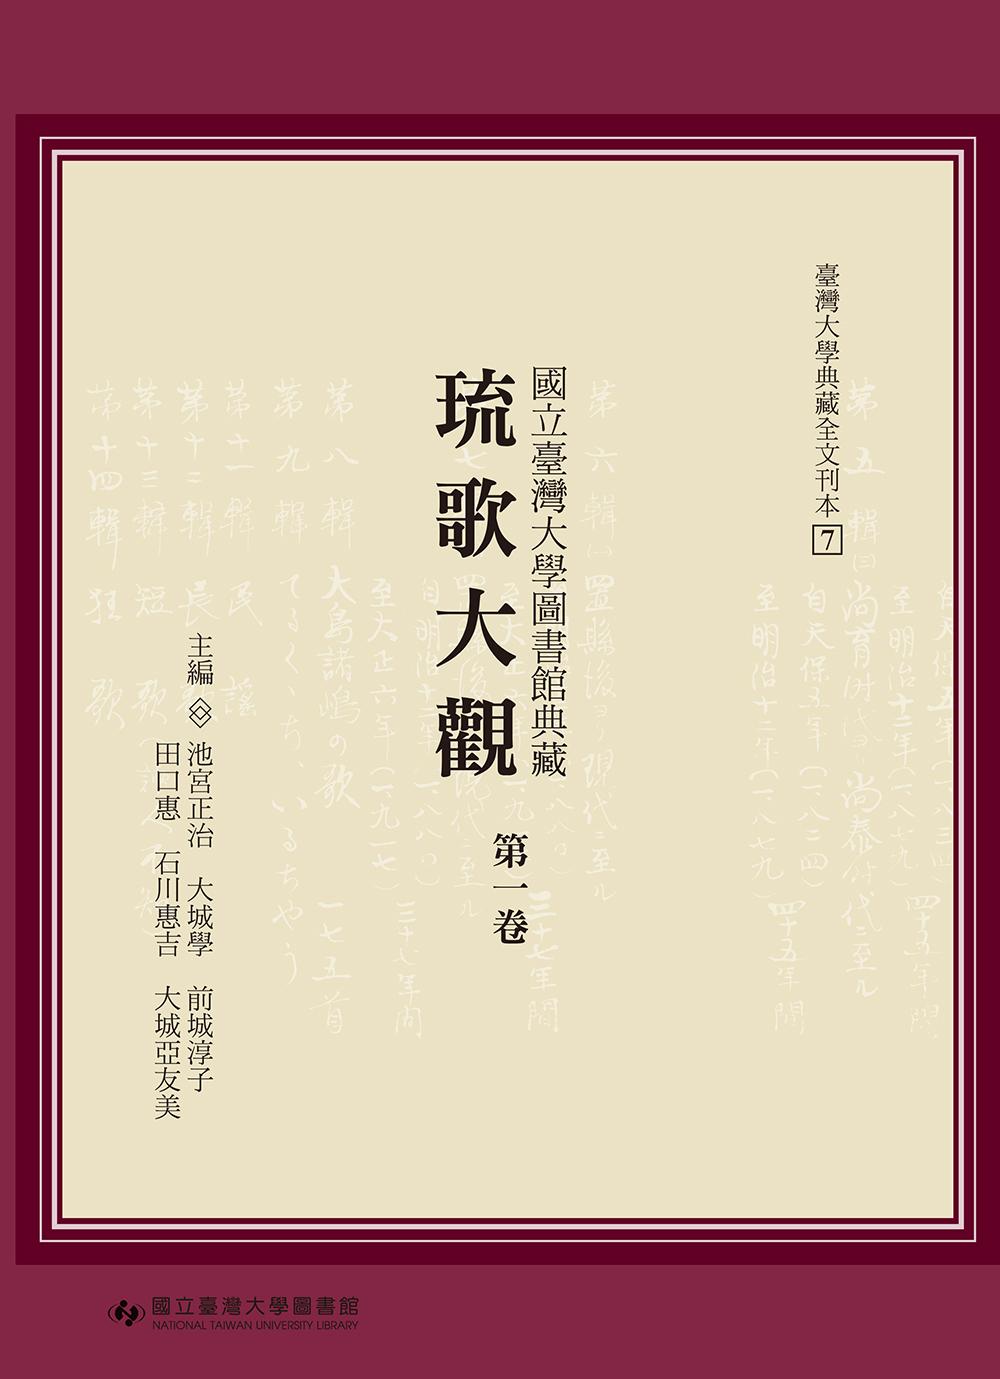 Ryukataikan: A Collection of Ryukyu Songs at National Taiwan University Library: A Transcription, Vol. 1